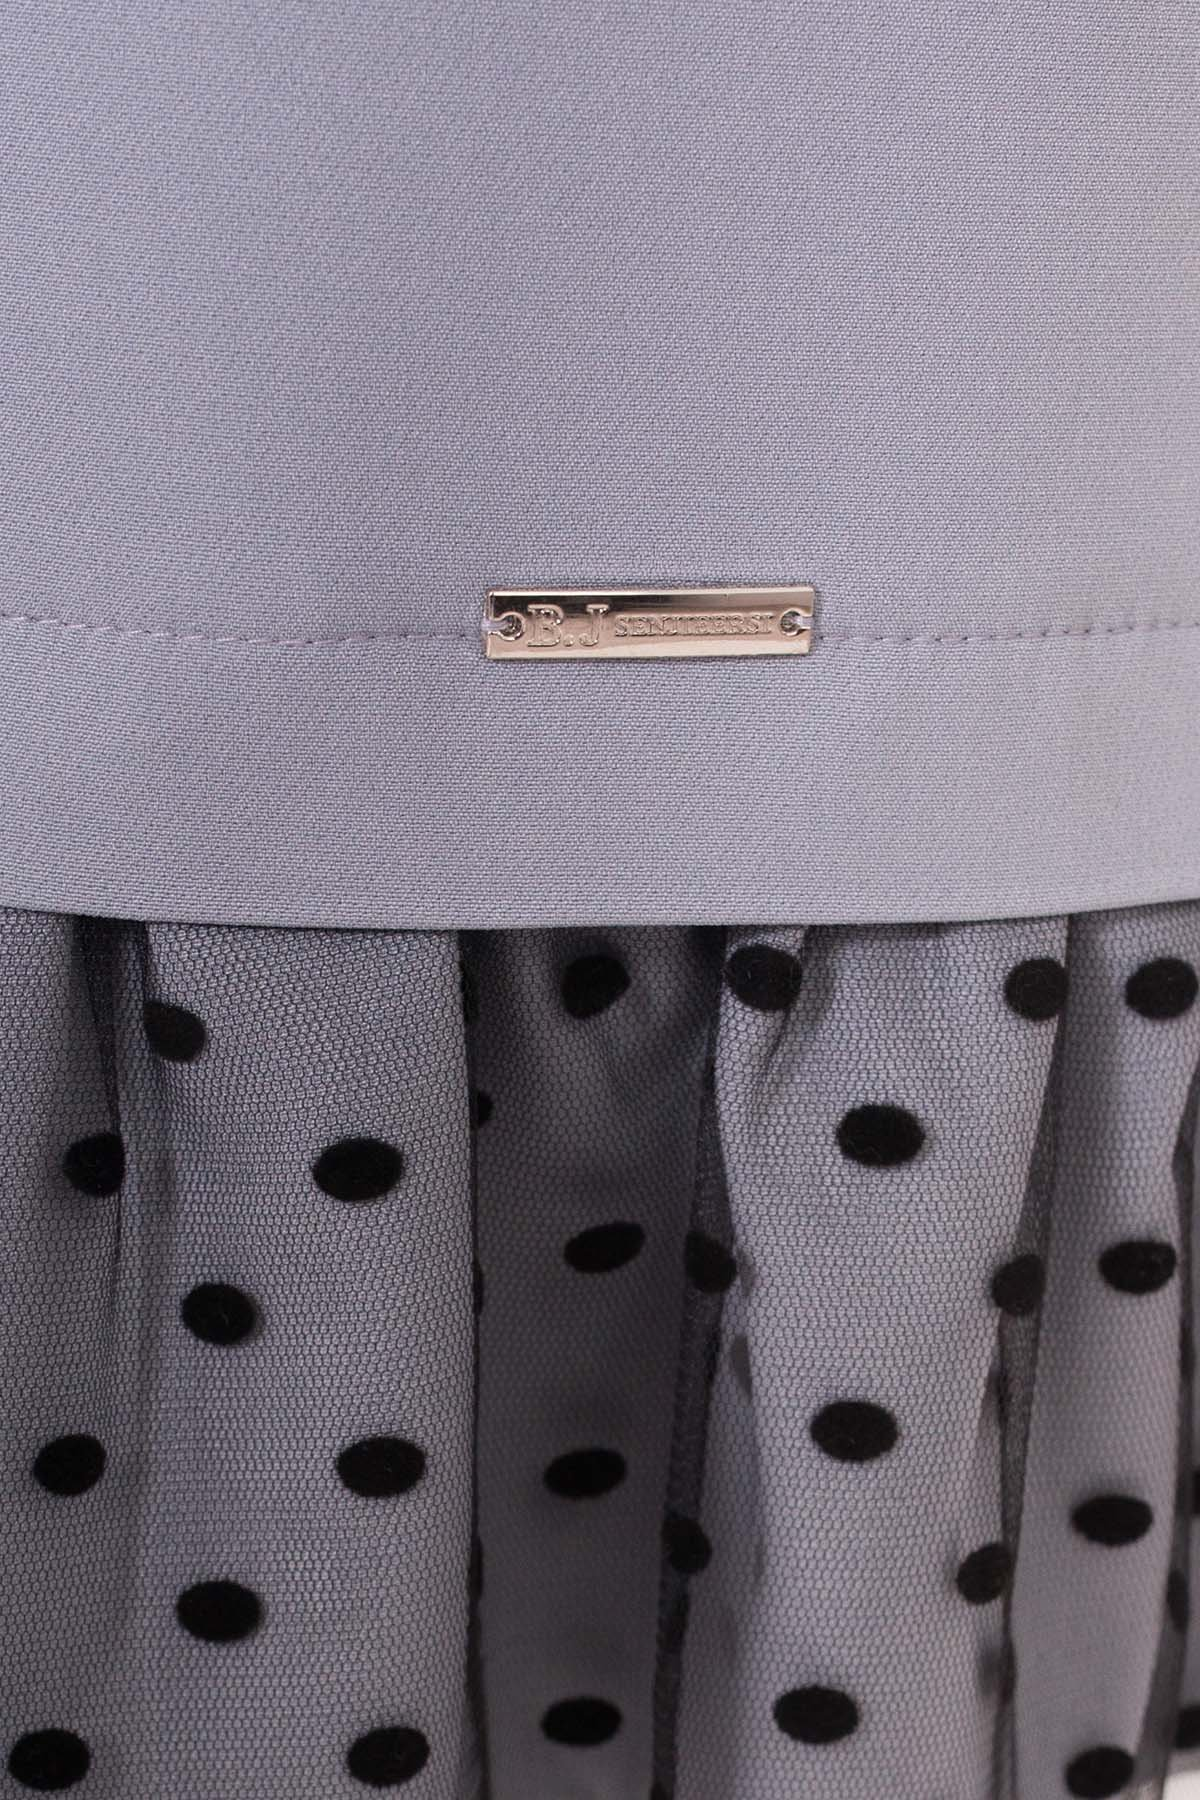 Платье Грейси 5949 АРТ. 40566 Цвет: Серый - фото 4, интернет магазин tm-modus.ru